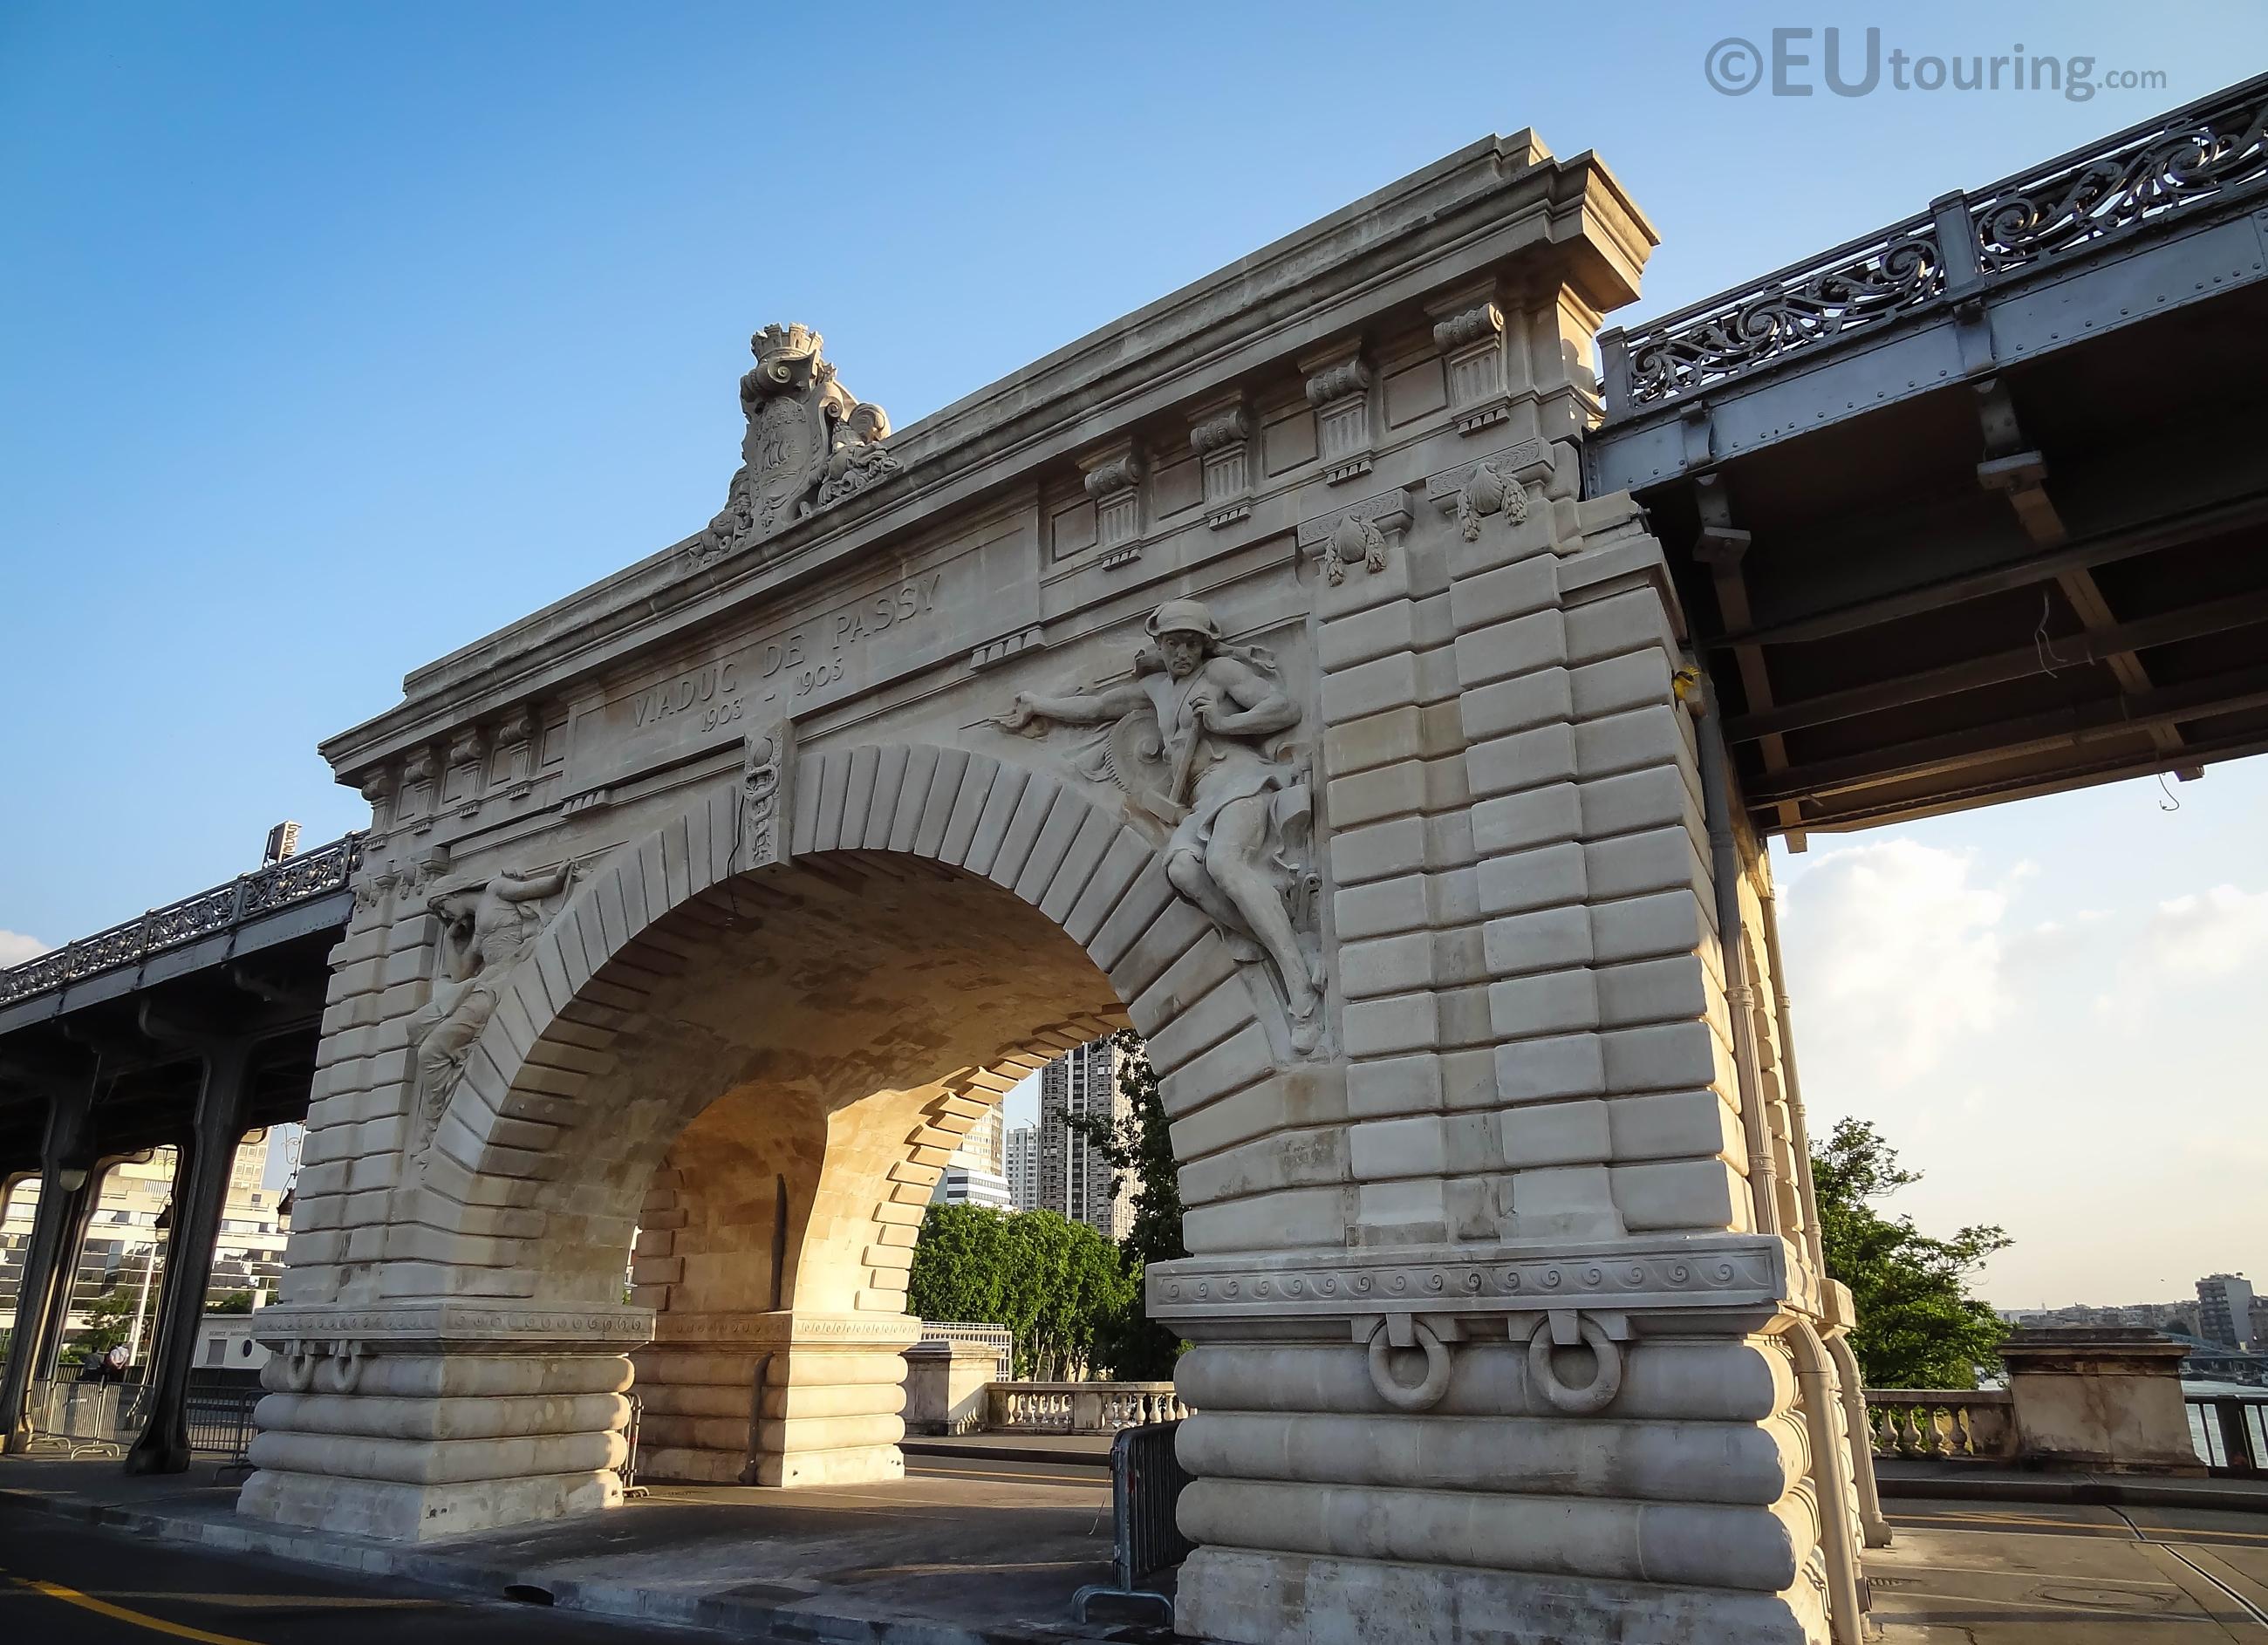 Pont de Bir-Hakeim central arch